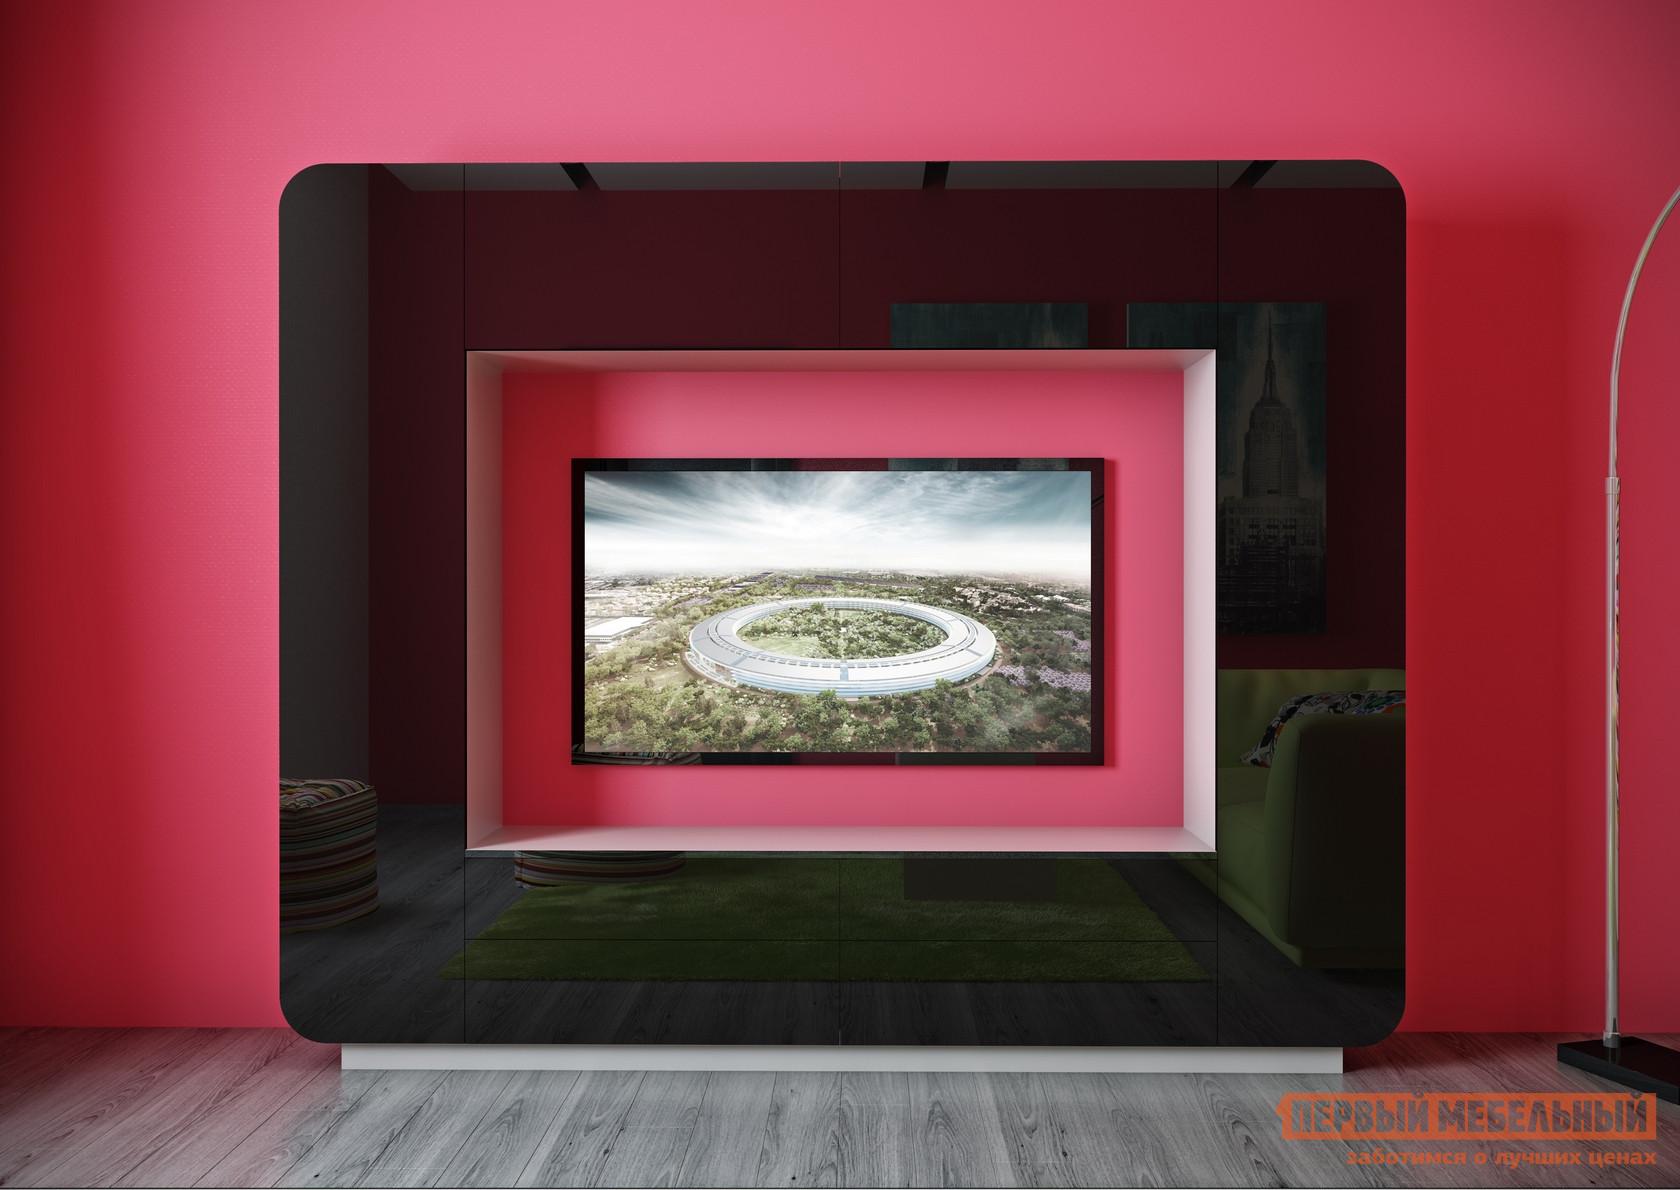 Гостиная ВасКо Купертино 301 Белый глянец / Черный глянецСтенки для гостиной<br>Габаритные размеры ВхШхГ 1950x2400x410 мм. Ультрасовременная компактная стенка отлично впишется в современный лаконичный дизайн комнаты.  Не смотря на небольшие размеры модели, гостиная многофункциональна. За широкой рамкой вокруг ниши скрываются шкафчики с полками, в основании есть выдвижные ящики, сверху — закрытые шкафы. Размер ниши под телевизор — 1600 х 1066 мм. Корпус стенки изготавливается из ЛДСП.  Основу фасадов составляют плиты ламинированного МДФ немецкого производства.  Фасадная часть покрыта полиэфирной пленкой, которая стабилизируется ультрафиолетовым  излучением.  Такое покрытие обладает большой износостойкостью и высокой степенью глянца — более 85 Gloss.<br><br>Цвет: Белый глянец / Черный глянец<br>Цвет: Черный<br>Цвет: Черно-белый<br>Высота мм: 1950<br>Ширина мм: 2400<br>Глубина мм: 410<br>Кол-во упаковок: 5<br>Форма поставки: В разобранном виде<br>Срок гарантии: 24 месяца<br>Характеристика: Немодульные<br>Материал: Деревянные, из ЛДСП, из МДФ<br>Размер: Маленькие<br>Особенности: Со шкафом, Глянцевые, С местом под ТВ<br>Стиль: Современный, Хай-тек